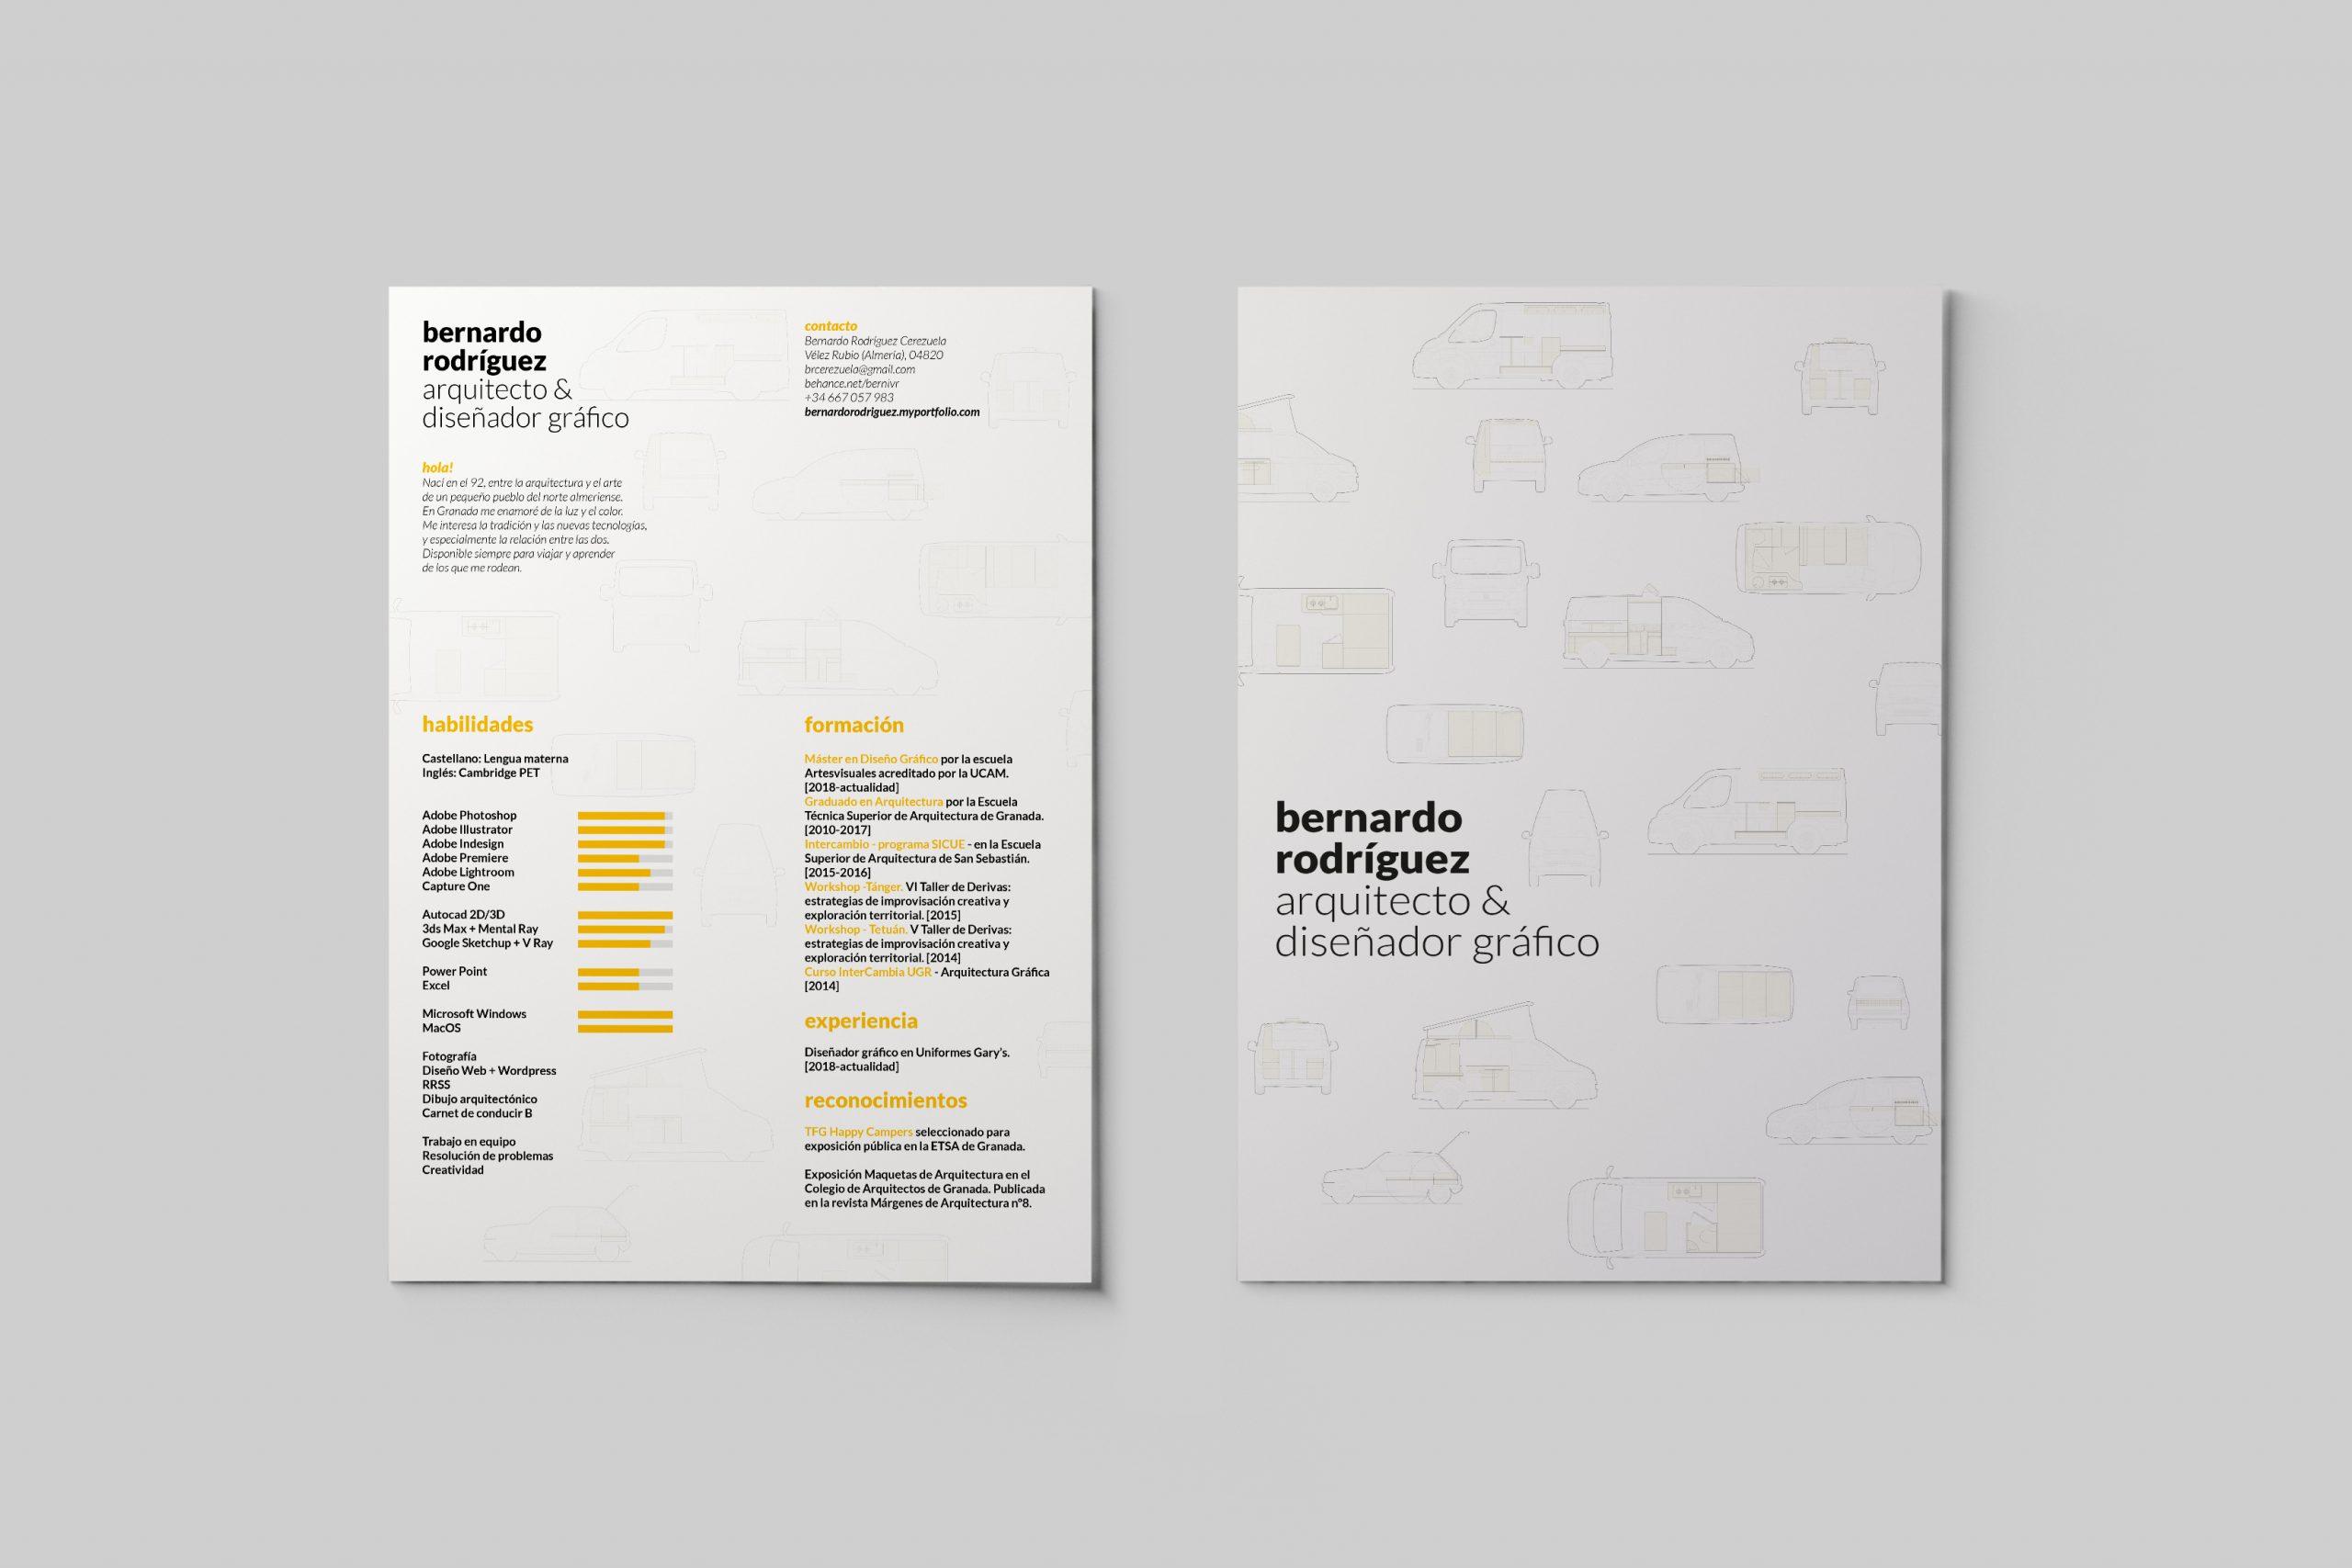 Curriculum Bernardo Rodríguez, arquitecto y diseñador gráfico